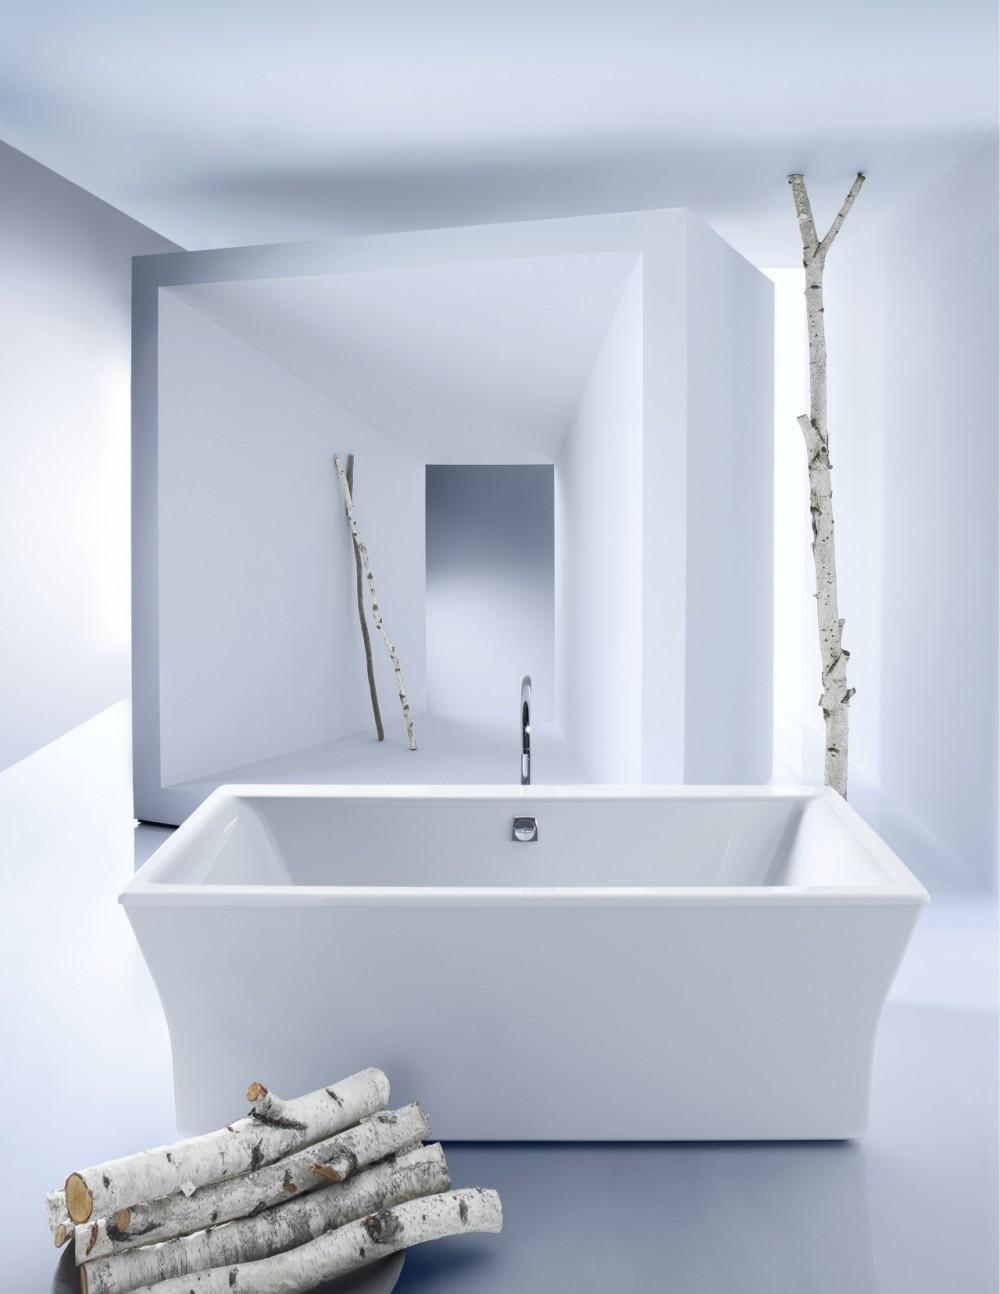 Stargaze Bath 6366